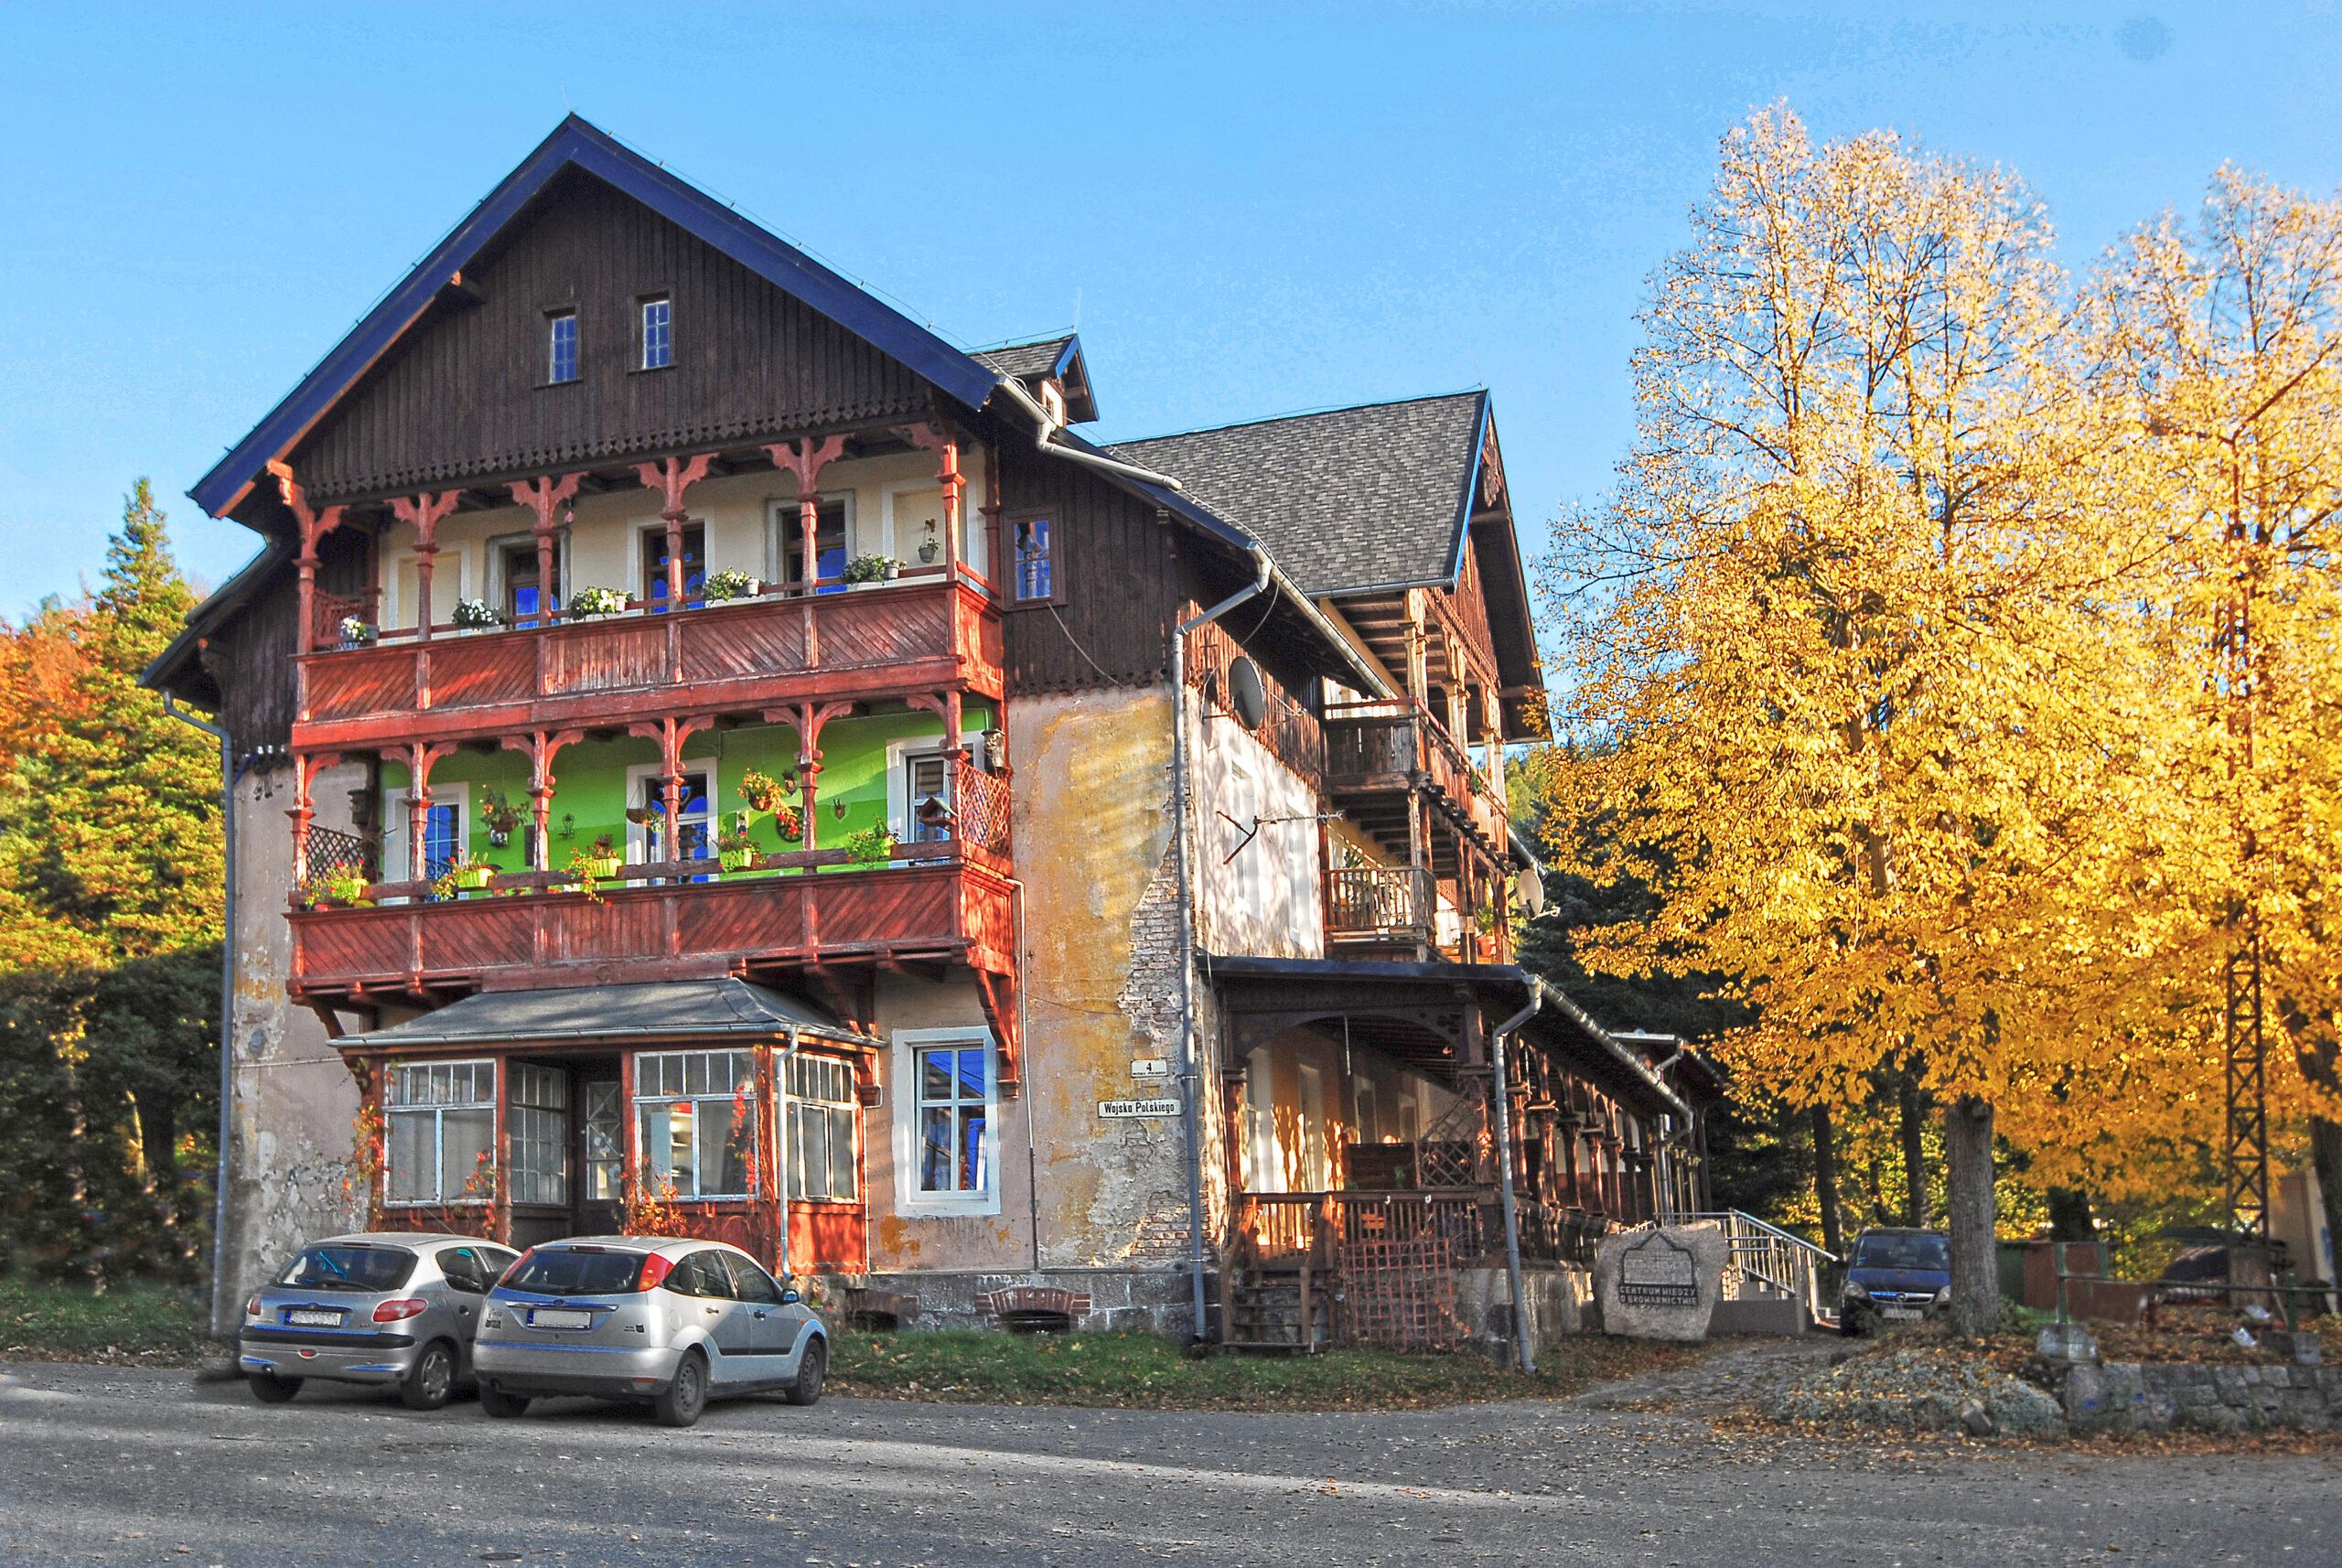 Hotel Wilhelma – zdjęcie współćzesne